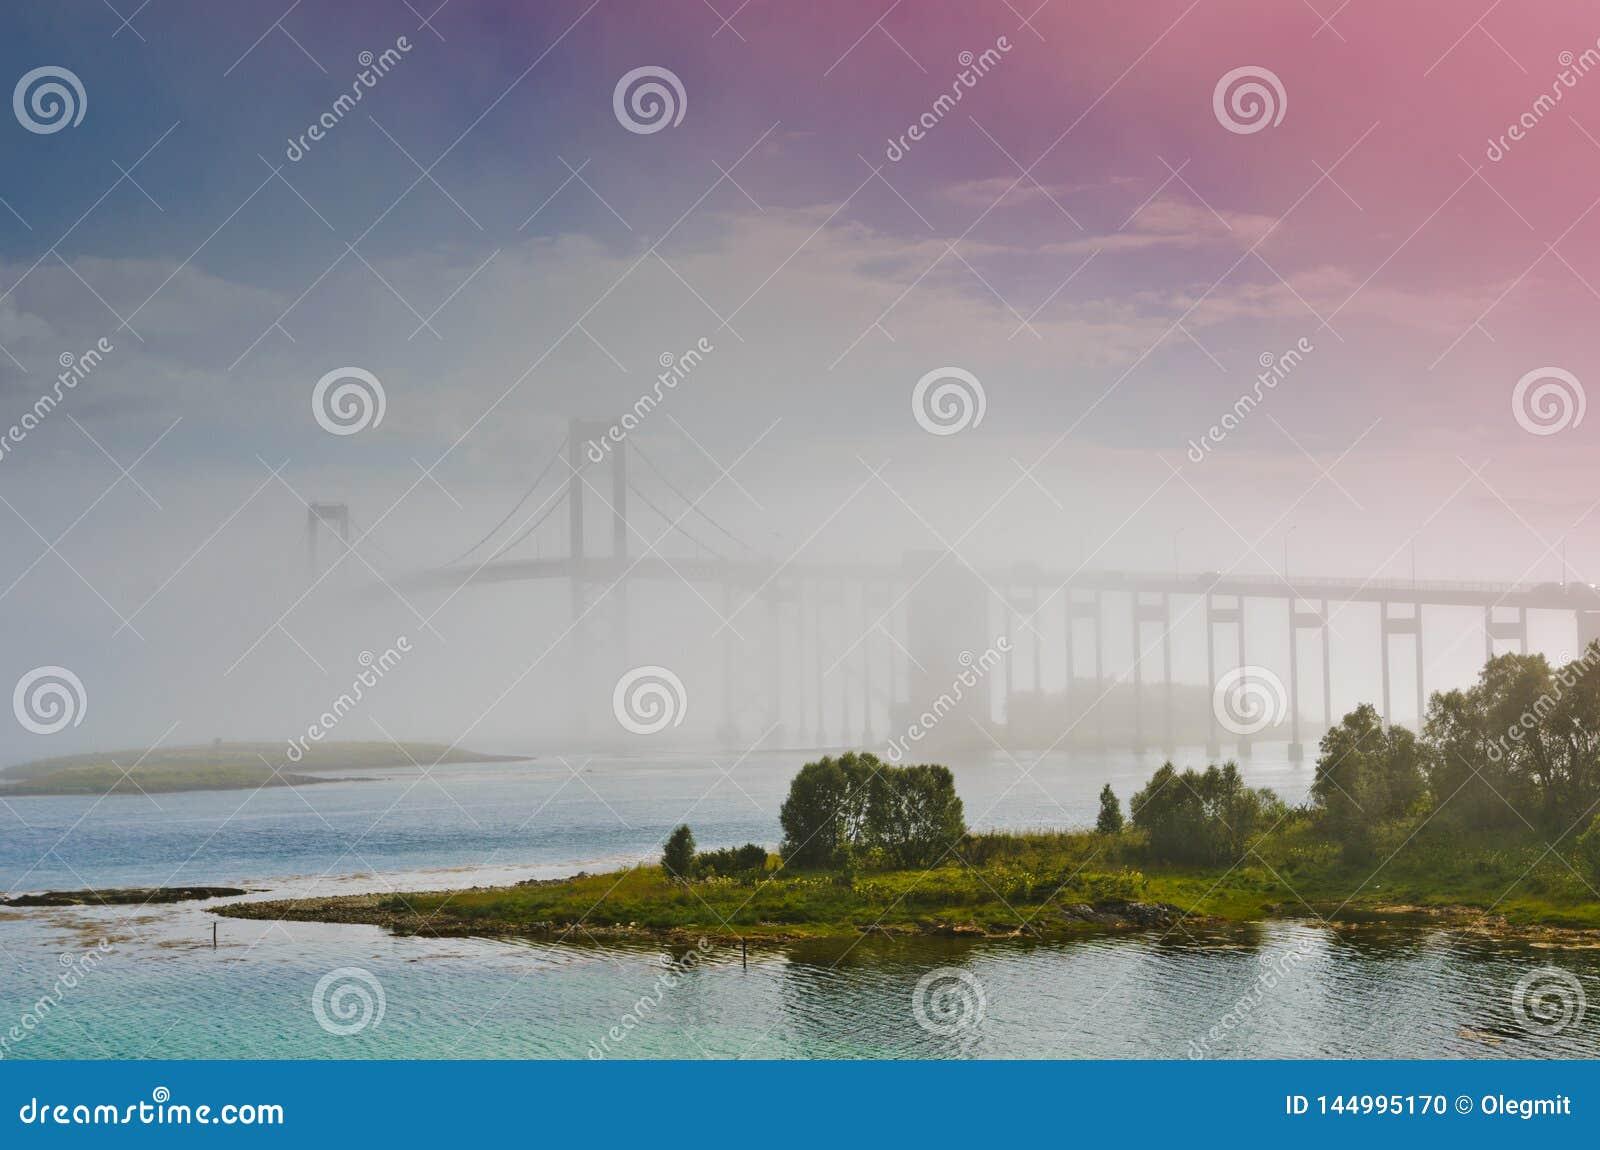 The Tjeldsund Bridge in a fog